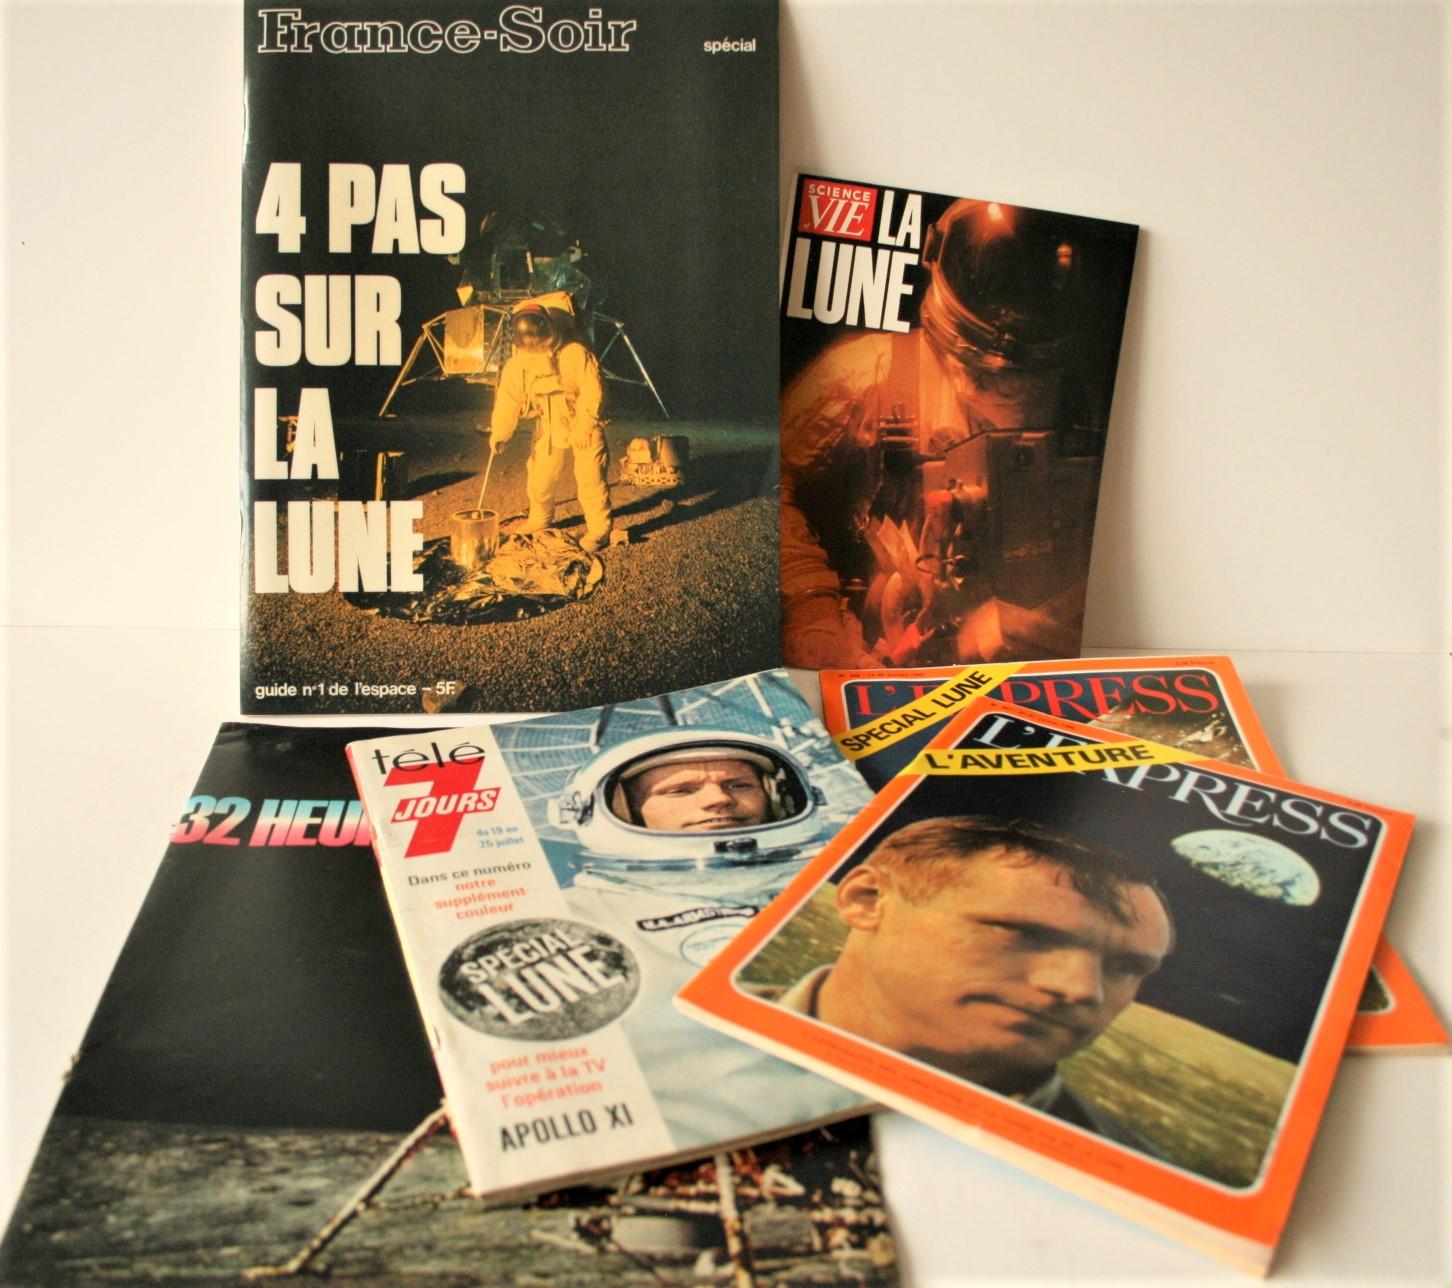 Lot 4 - Ensemble de 5 magazines français parus durant la mission APOLLO XI en juillet 1969 [...]